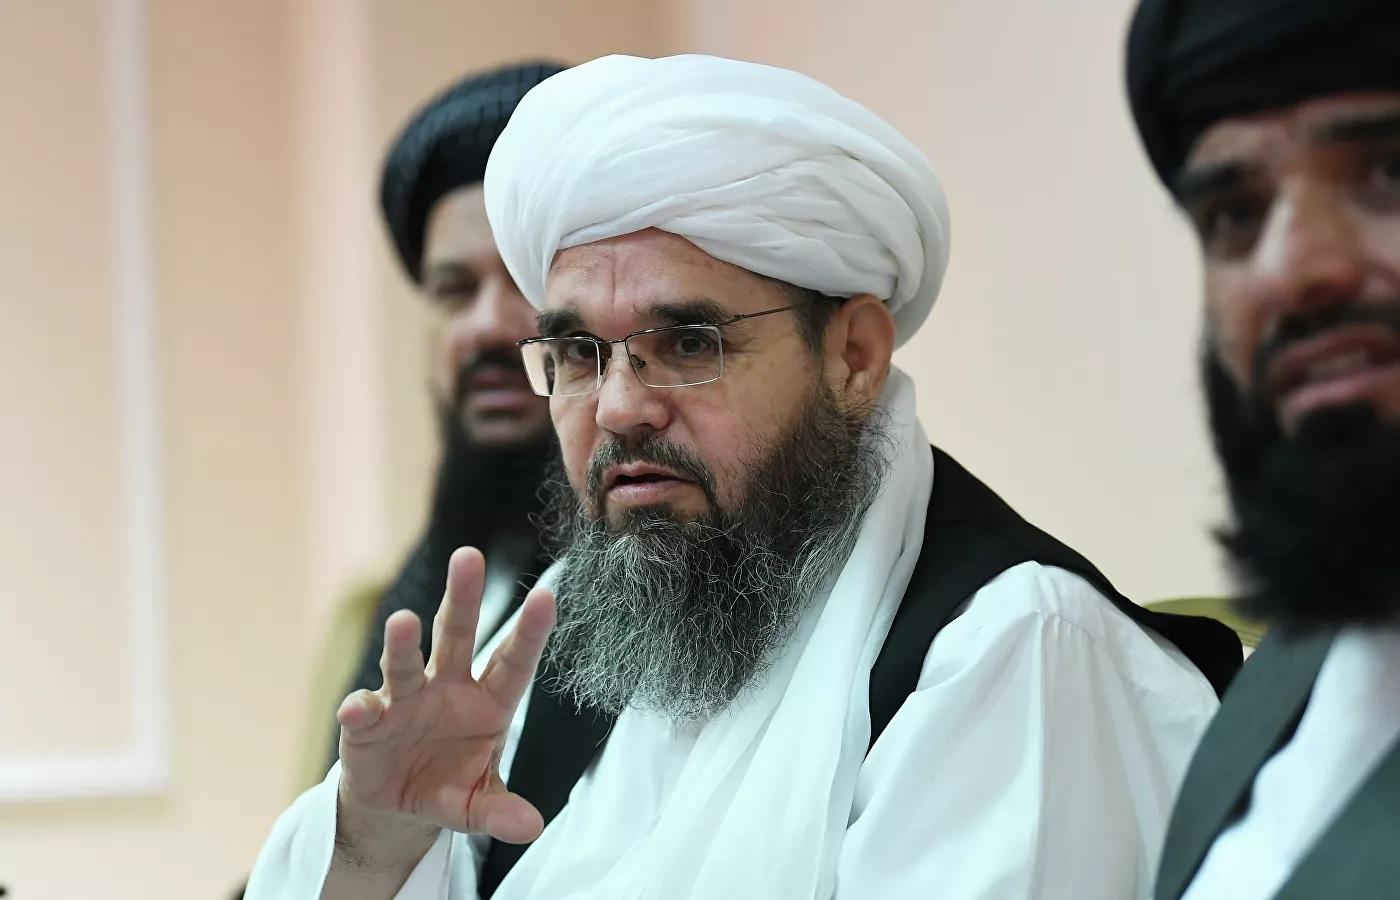 Политолог объяснил, почему обещаниям талибов нельзя верить